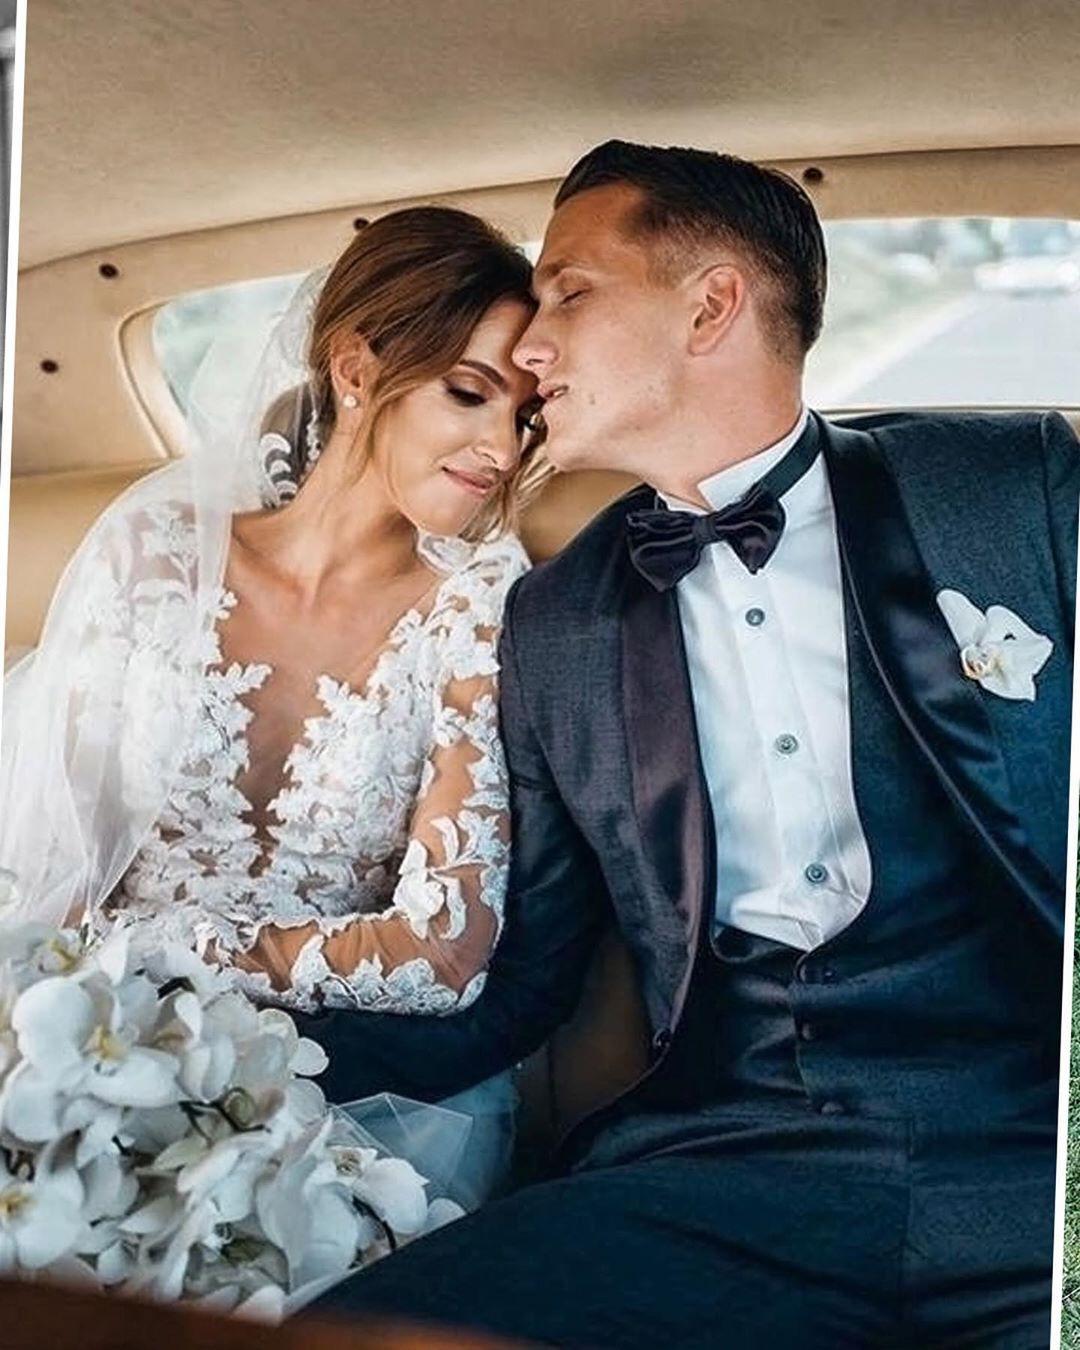 Chán cảnh độc thân, dàn sao bóng đá thi nhau cưới vợ trong hè này - Ảnh 9.